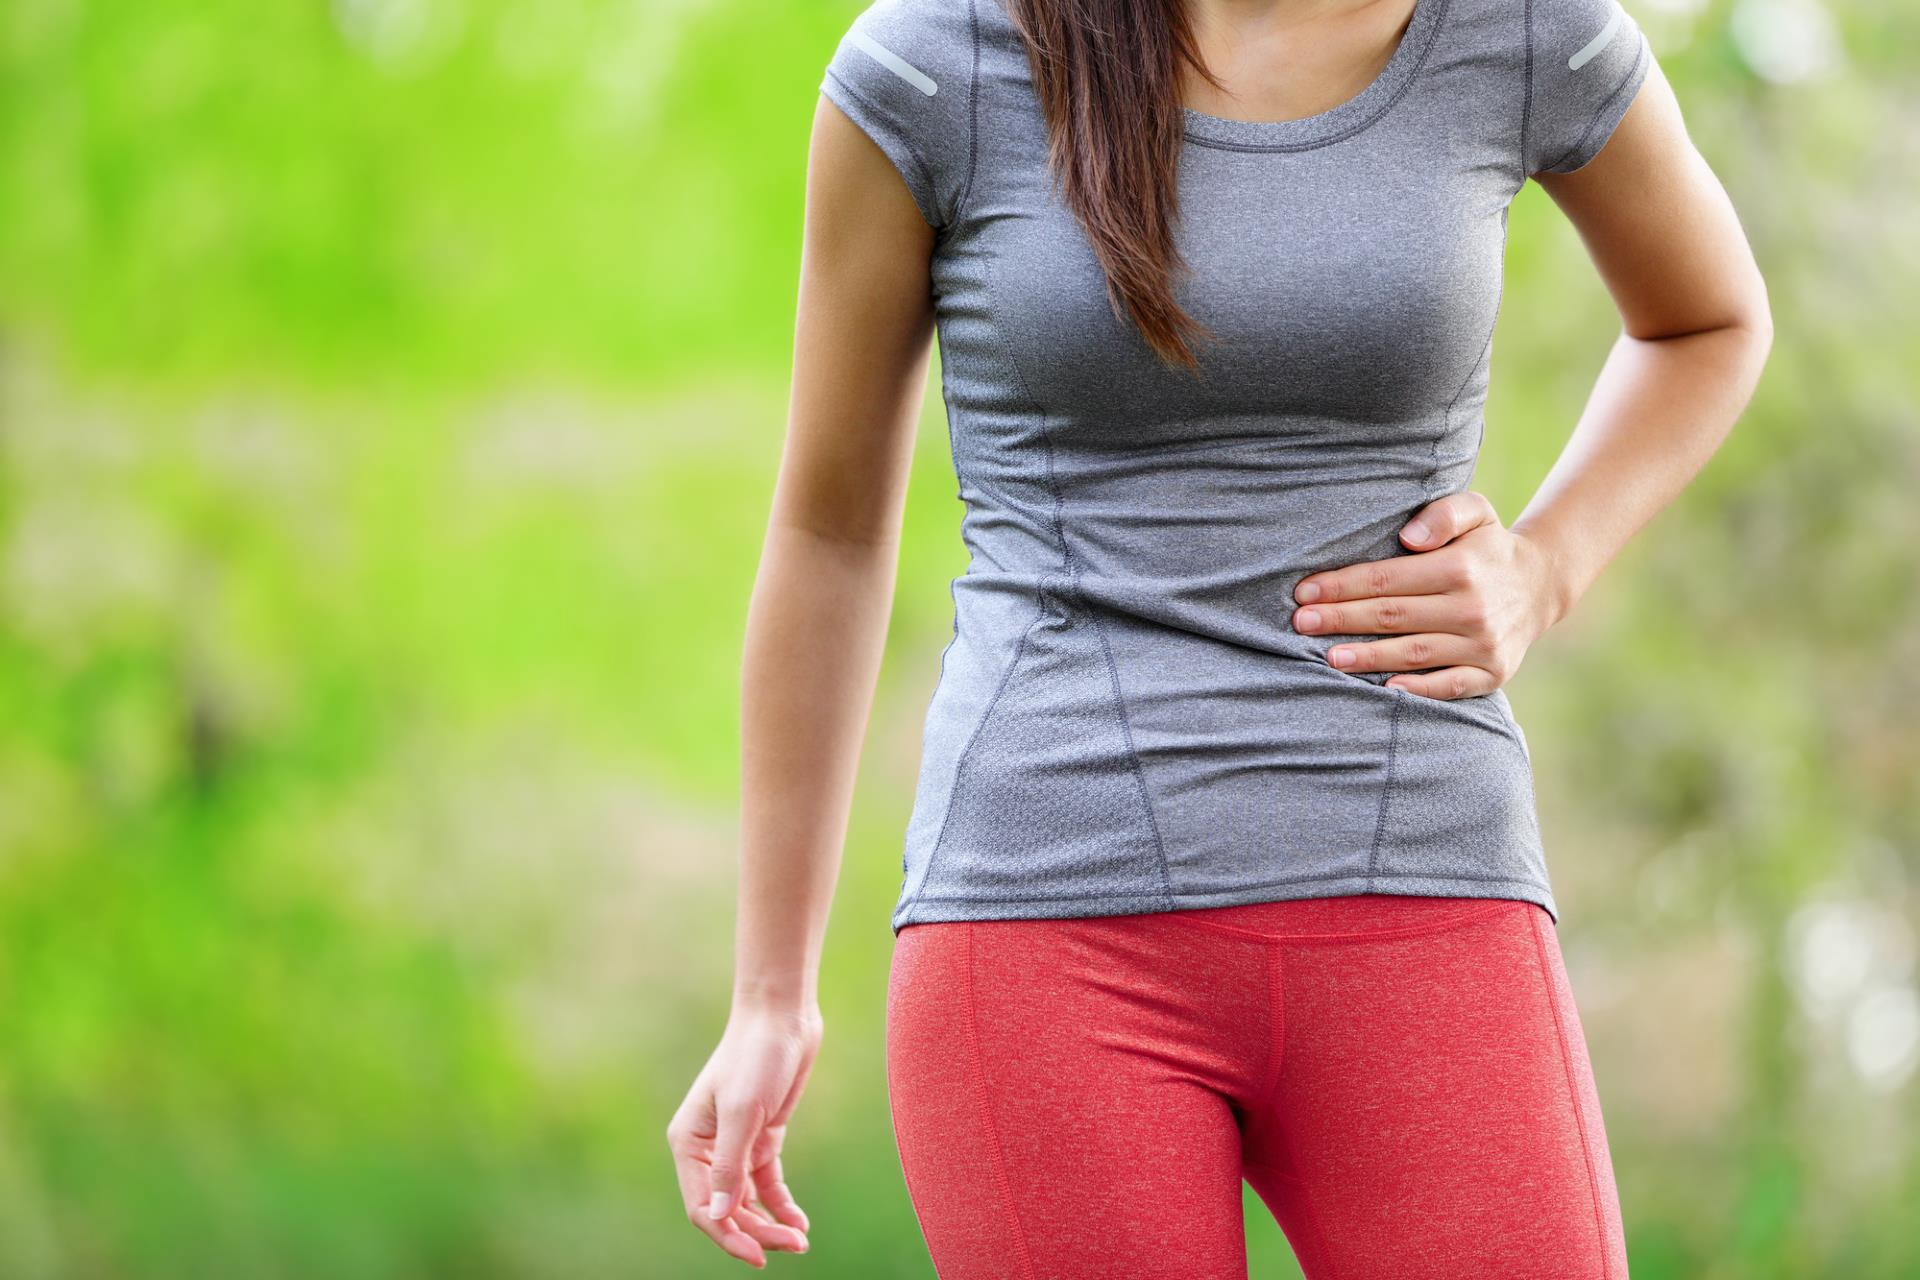 Seitenstechen adé: Die richtige Atmung beim Joggen